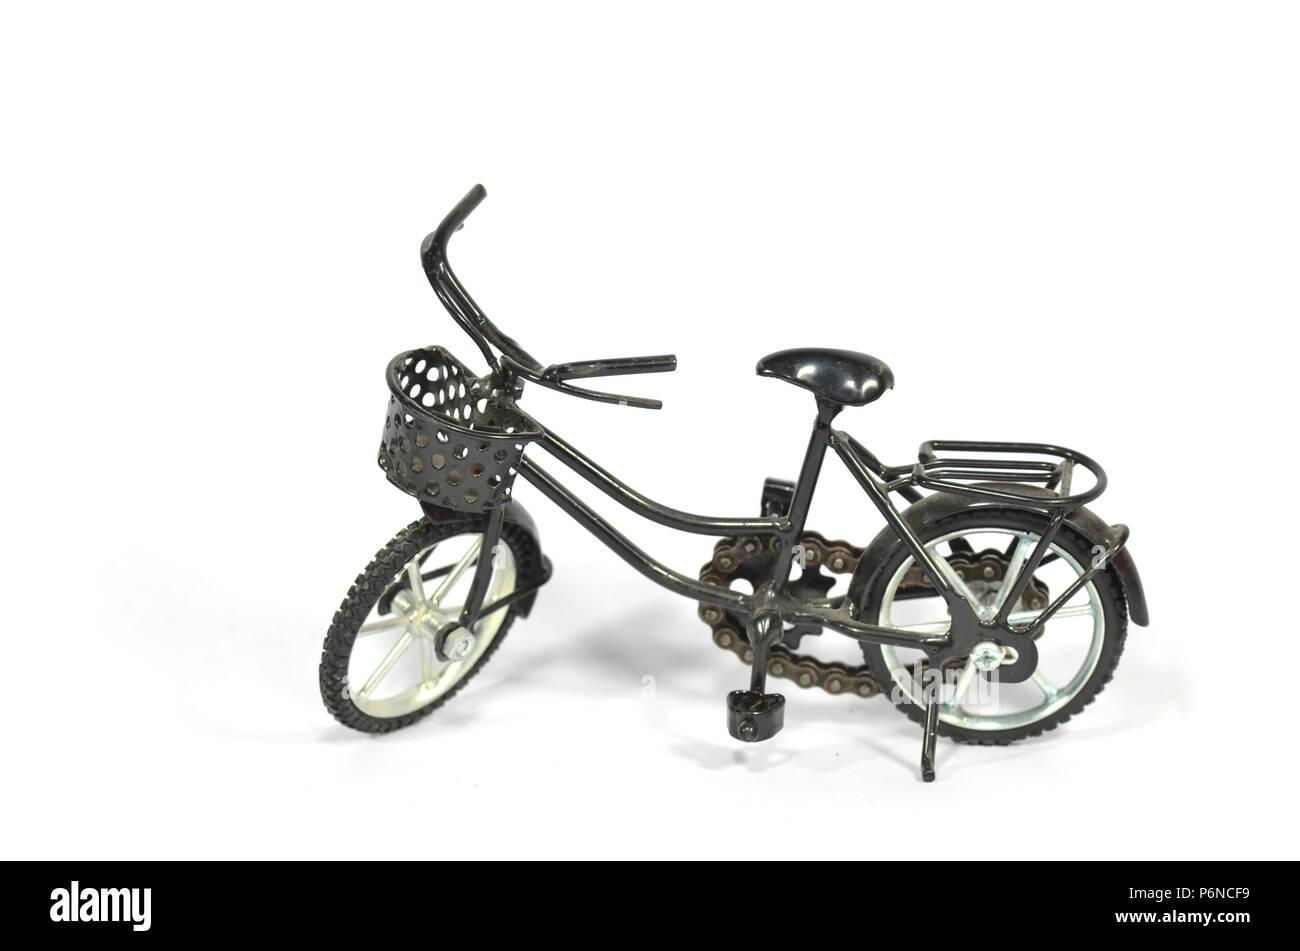 Black cruiser bicycle, isolated on white. - Stock Image